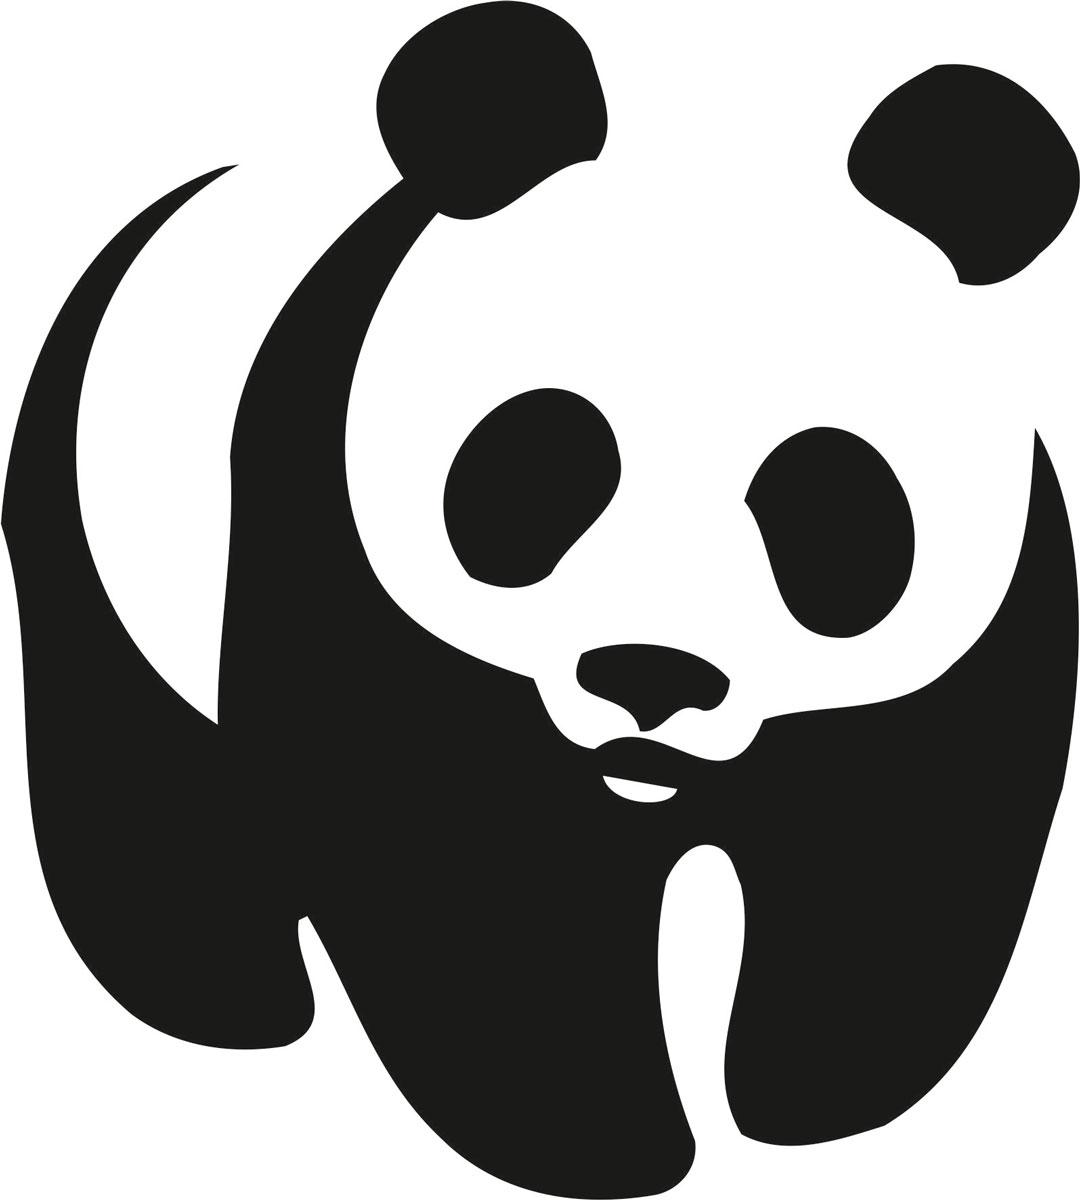 Наклейка автомобильная Оранжевый слоник Панда, виниловая, цвет: черный наклейка автомобильная оранжевый слоник охота рыбалка виниловая цвет черный